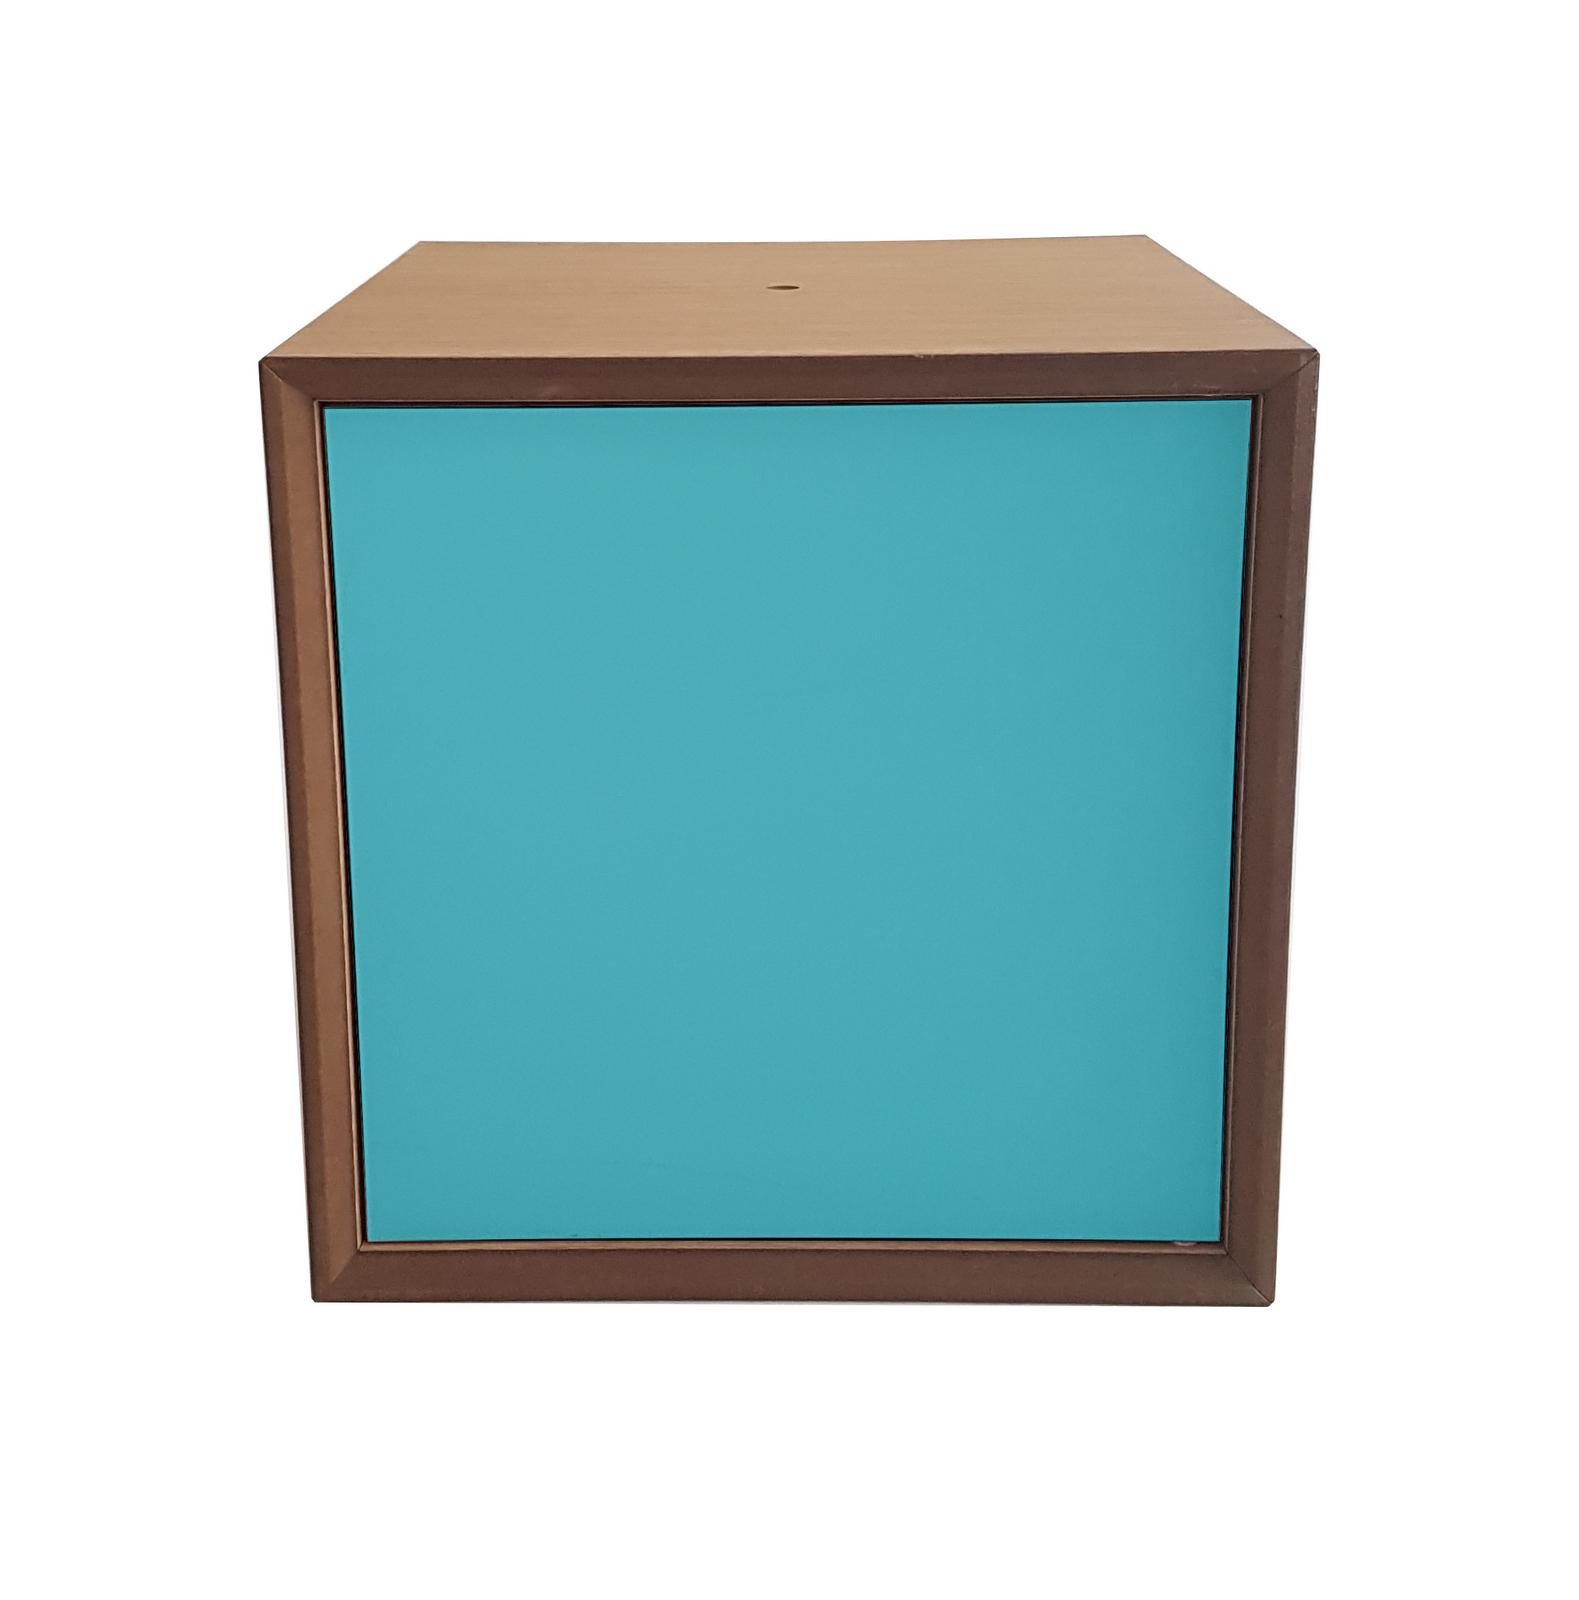 Dulap modular Pixel Dark Turquoise, L40xl40xh40 cm